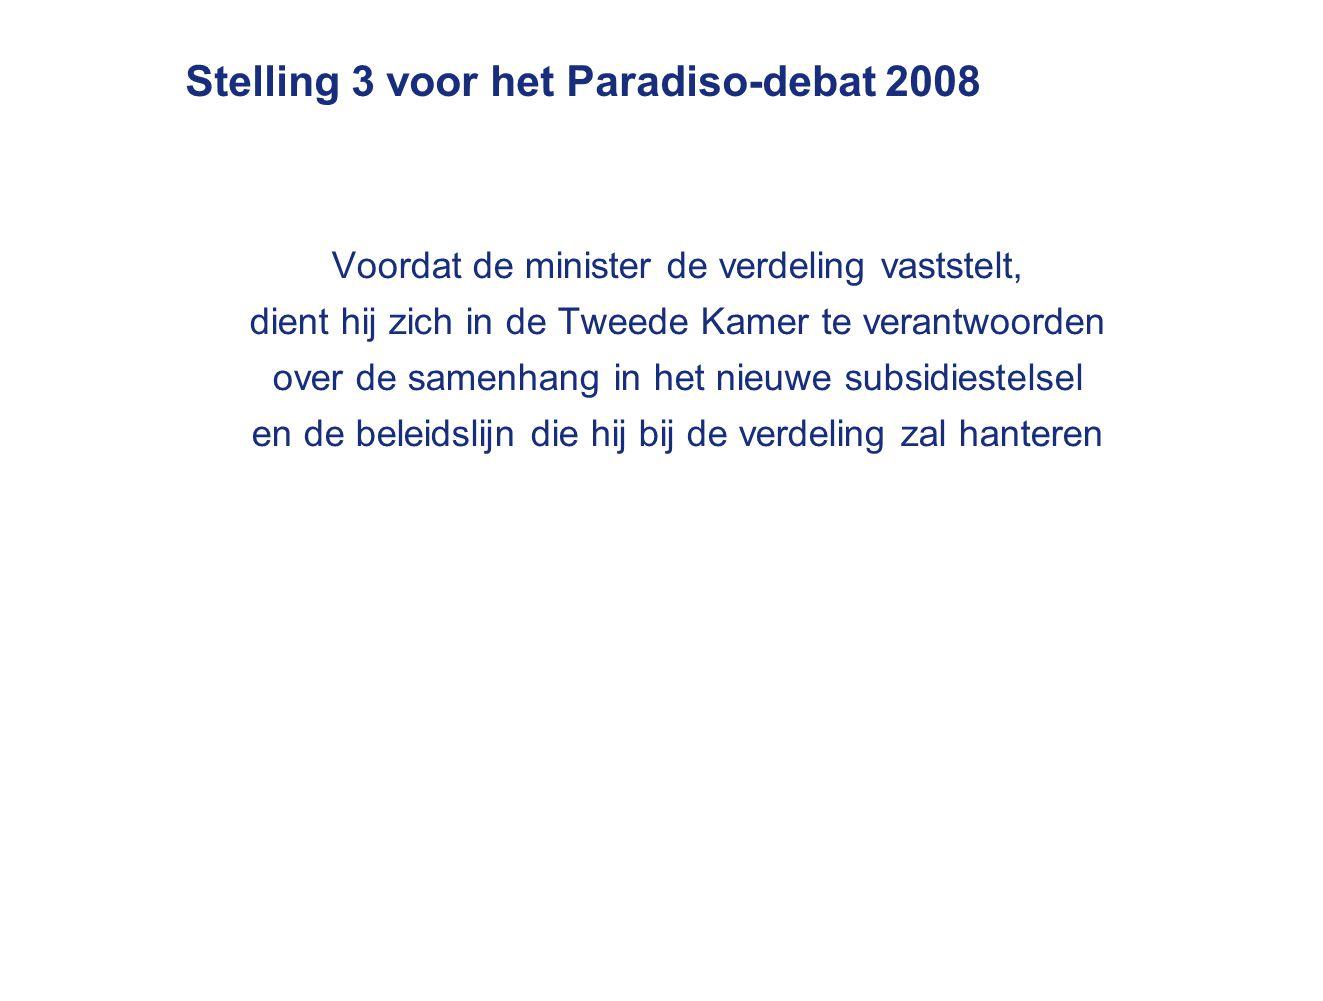 Stelling 3 voor het Paradiso-debat 2008 Voordat de minister de verdeling vaststelt, dient hij zich in de Tweede Kamer te verantwoorden over de samenhang in het nieuwe subsidiestelsel en de beleidslijn die hij bij de verdeling zal hanteren